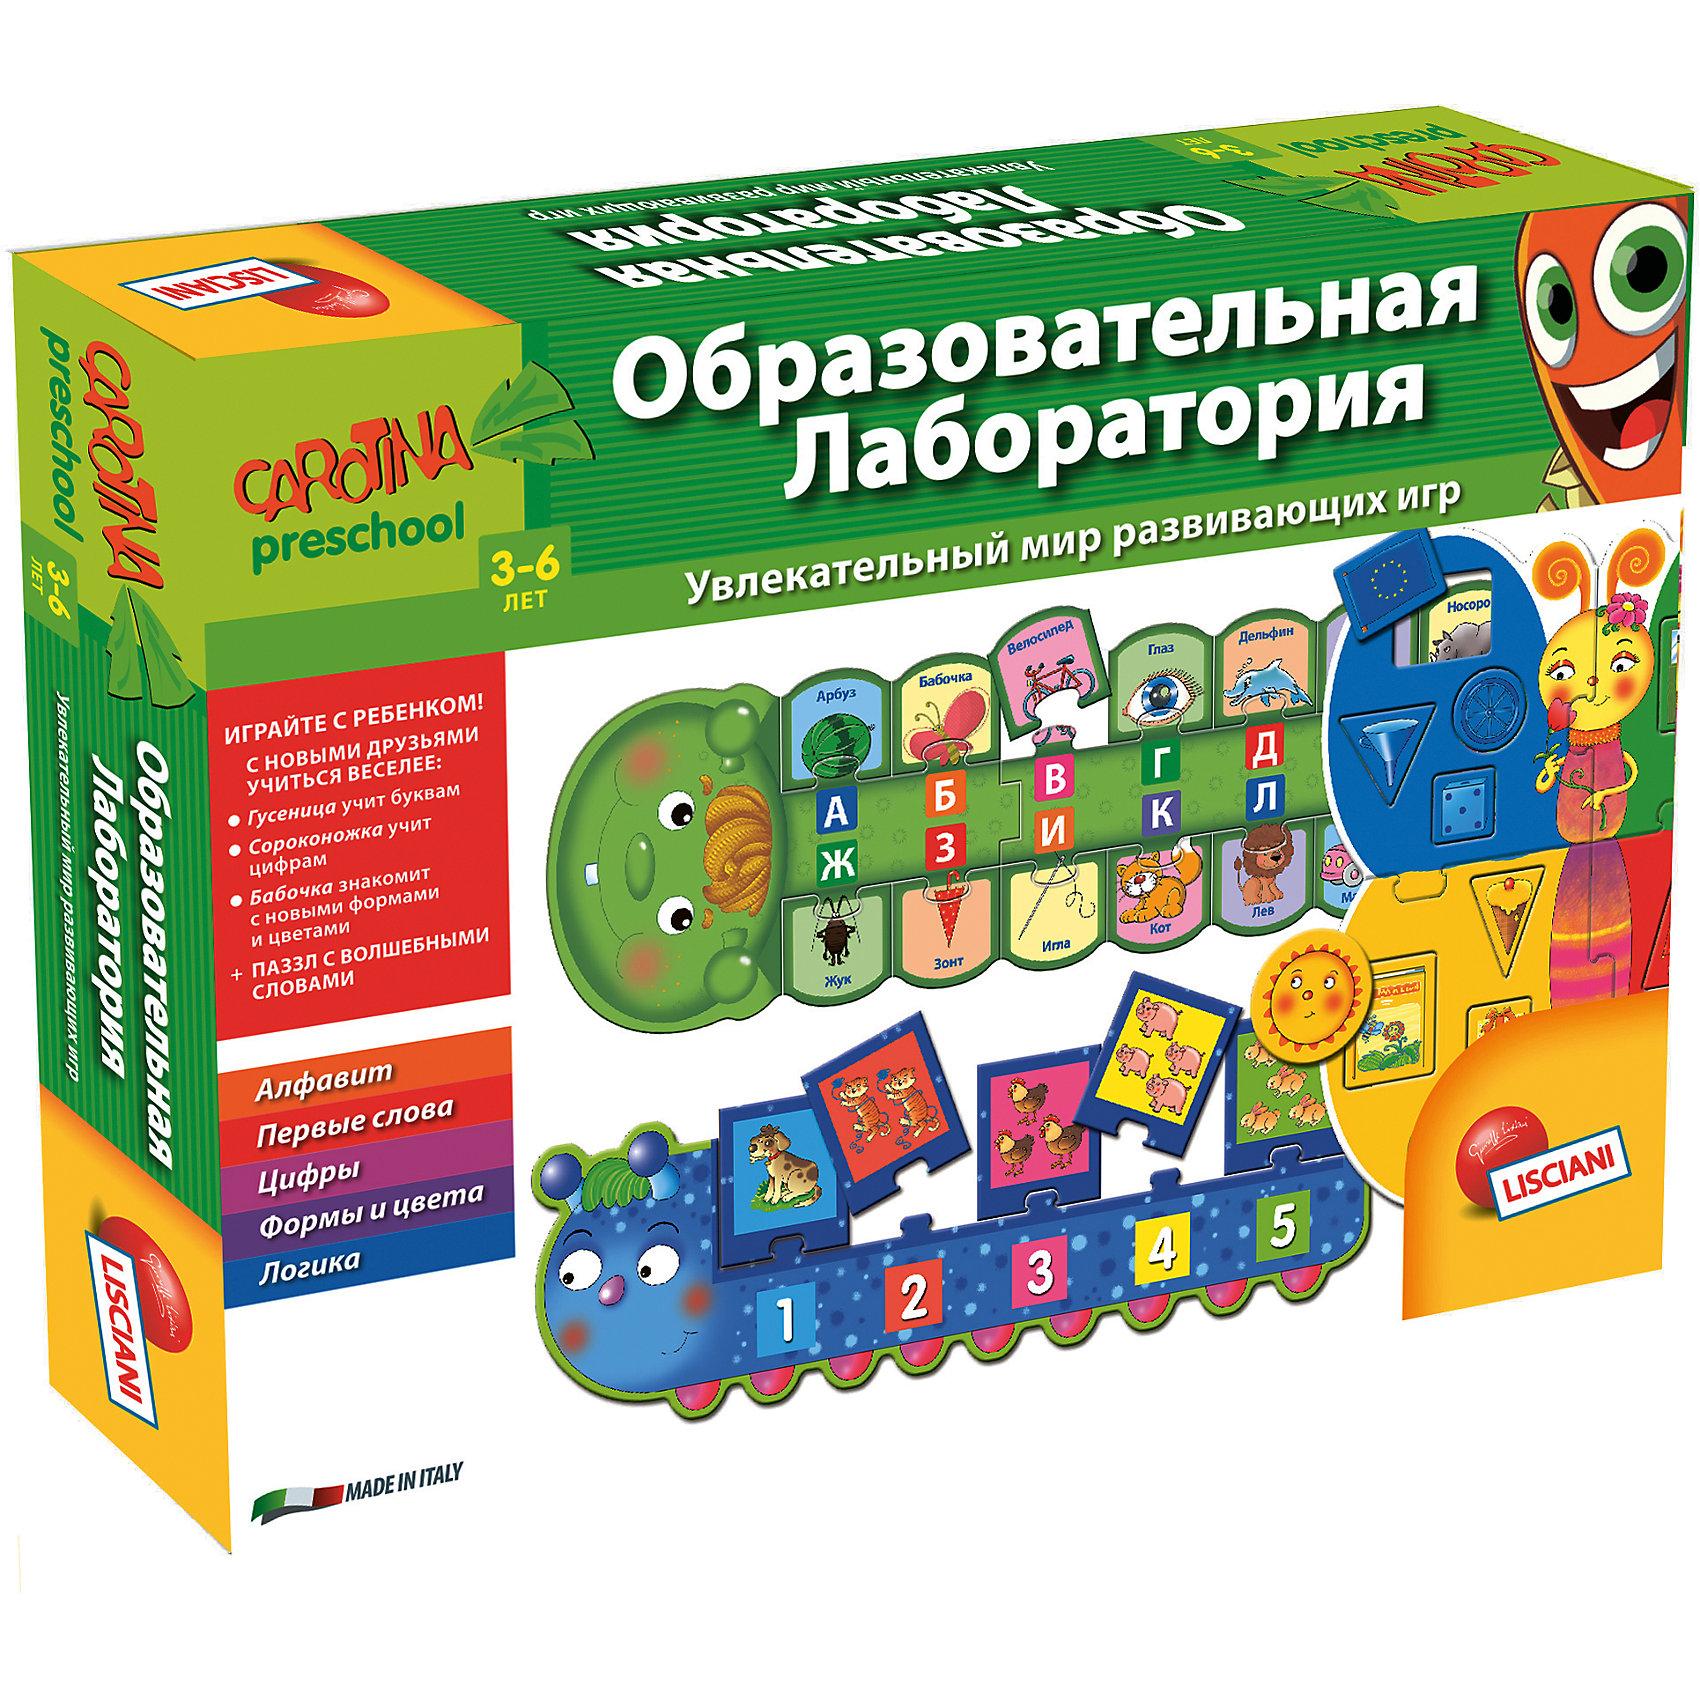 Обучающая игра Образовательная лаборатория, LiscianiРазвивающие игры<br>Обучающая игра Образовательная лаборатория, Lisciani<br><br>Характеристики:<br><br>• В набор входит: 4 набора пазлов, инструкция<br>• Размер упаковки: 35х5х25 см.<br>• Состав: картон<br>• Вес: 680 г.<br>• Для детей в возрасте: от 3 лет<br>• Страна производитель: Италия<br><br>С помощью гусеницы Ларисы дети выучат алфавит и смогут подбирать к буквам картинки, сороконожка Нора покажет цифры и научит подбирать к ним картинки, а бабочка Маша ознакомит малыша с основными формами и цветами. В комплект входит постер с волшебными словами. С таким набором ребёнку будут по плечу все необходимые начальные навыки в непринуждённой весёлой обстановке. <br><br>Обучающую игру Образовательная лаборатория, Lisciani можно купить в нашем интернет-магазине.<br><br>Ширина мм: 255<br>Глубина мм: 345<br>Высота мм: 48<br>Вес г: 682<br>Возраст от месяцев: 36<br>Возраст до месяцев: 2147483647<br>Пол: Унисекс<br>Возраст: Детский<br>SKU: 5522886